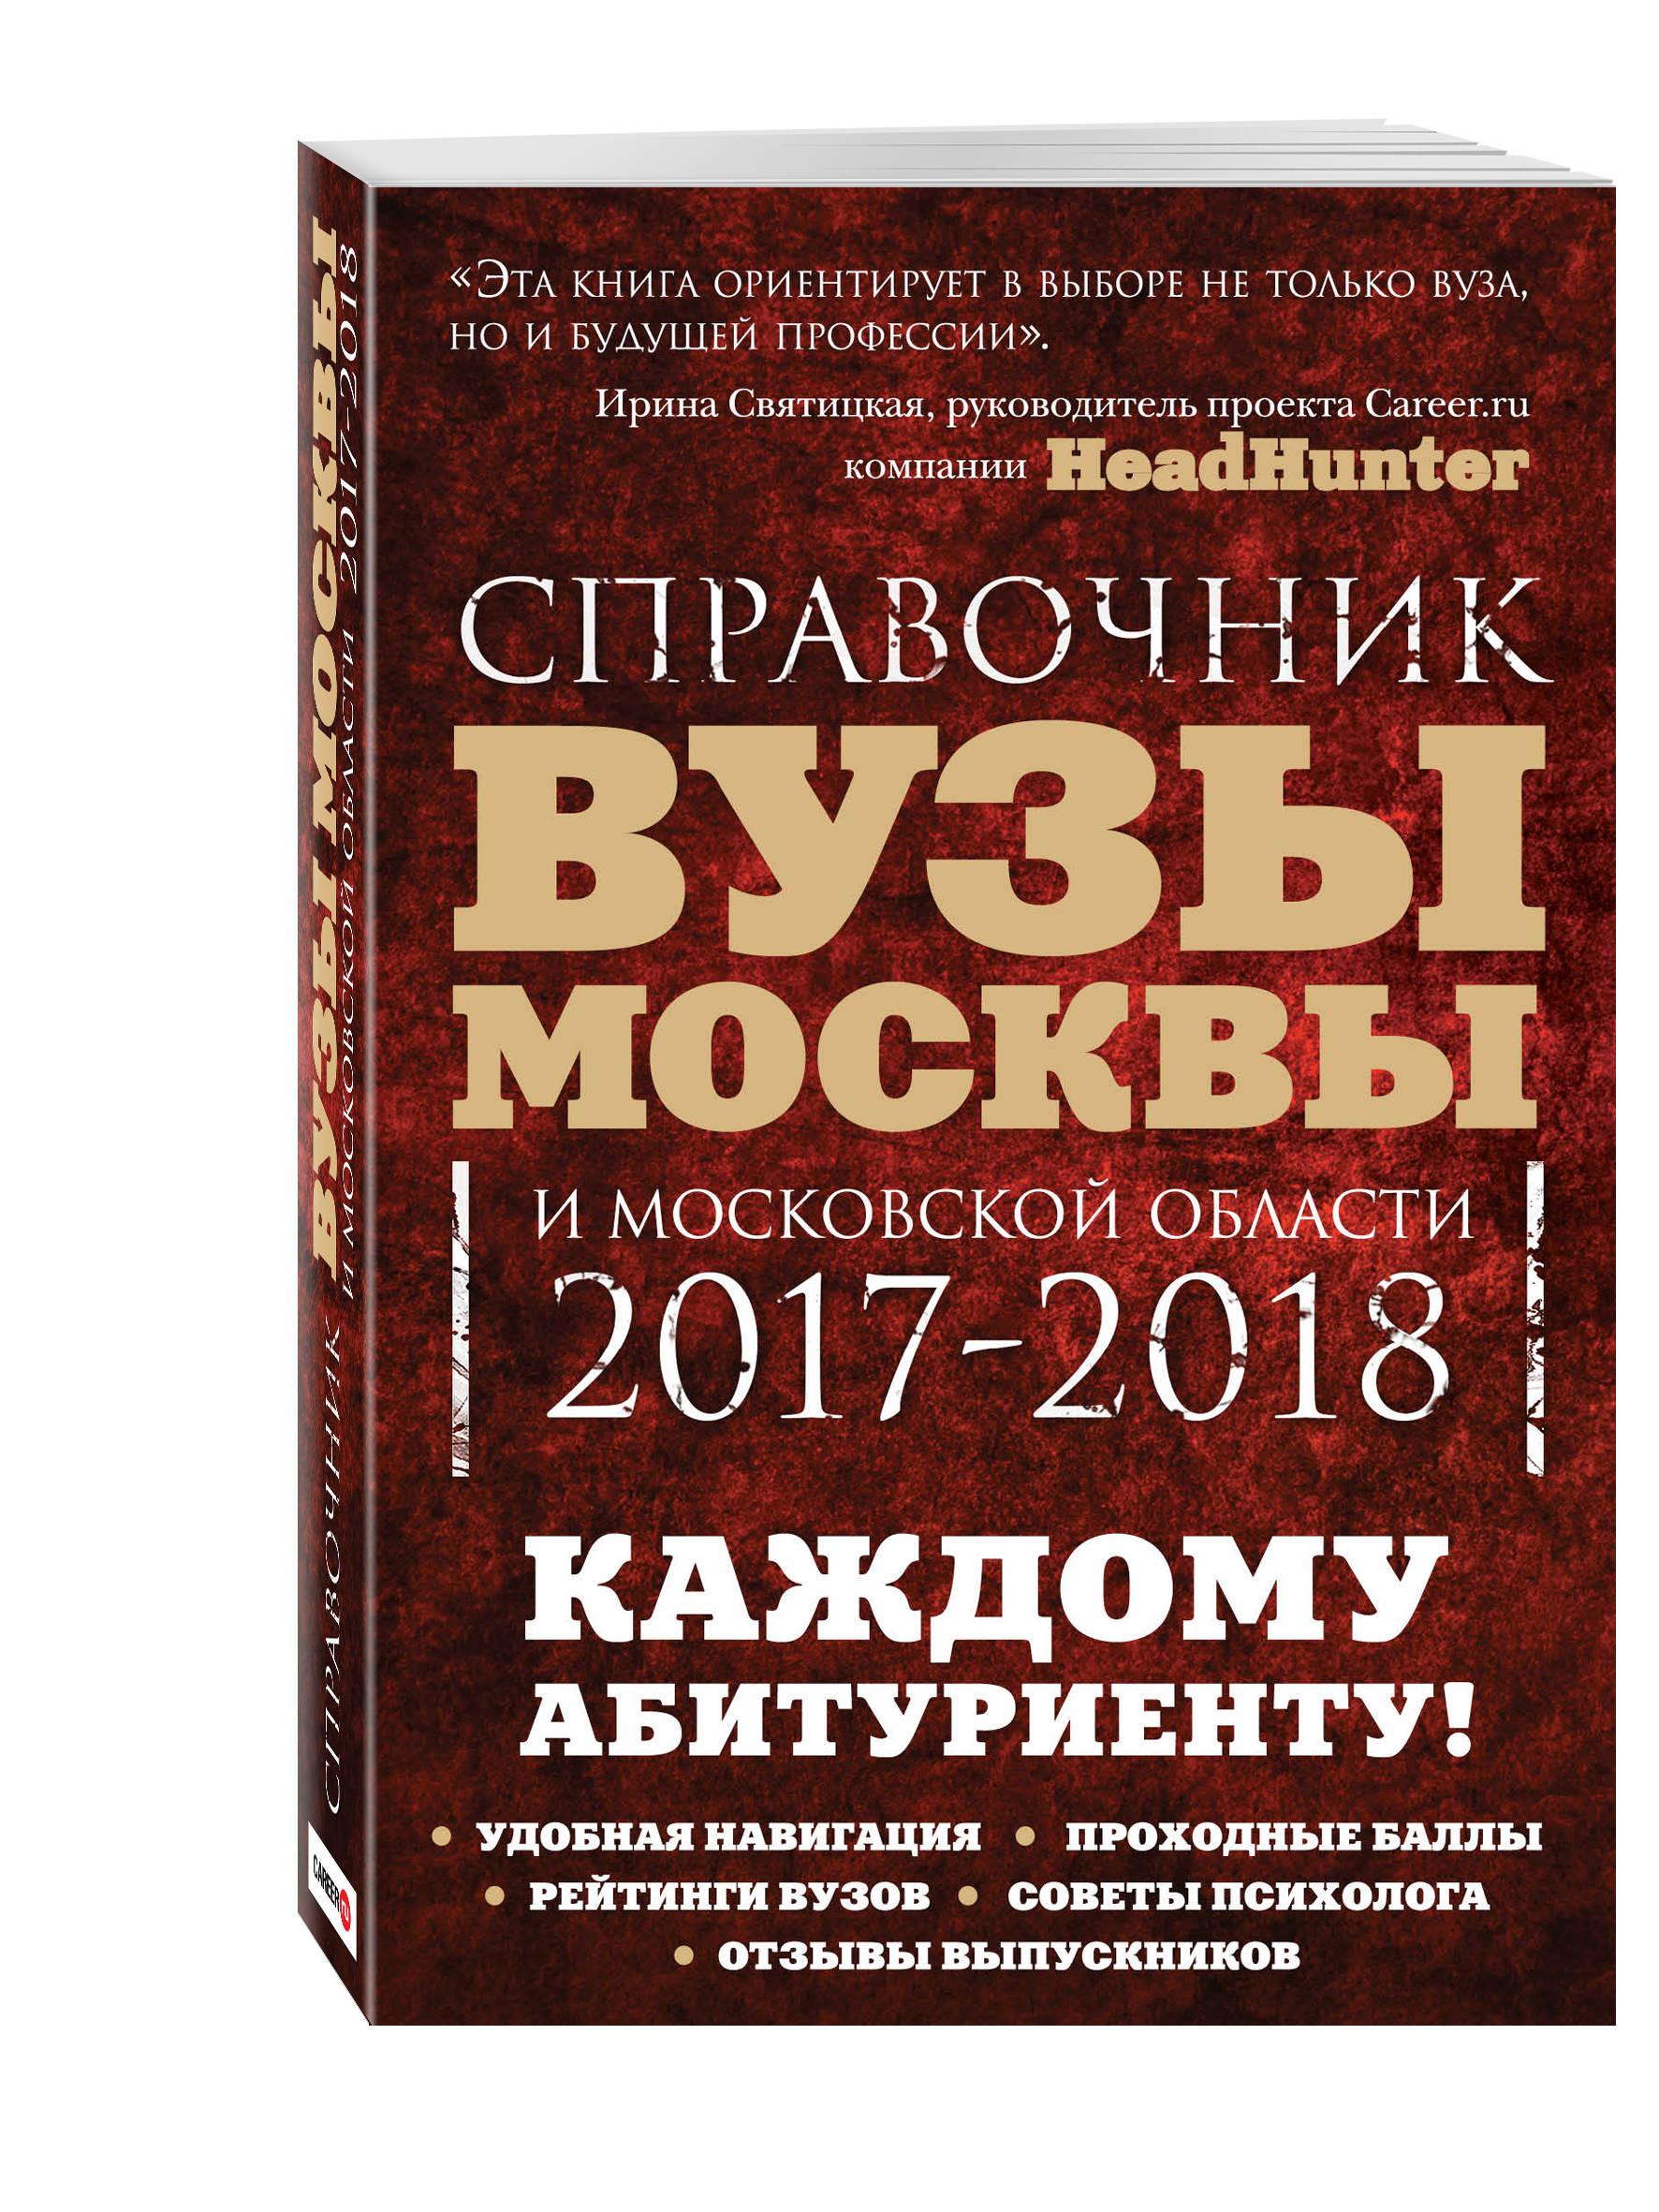 Вузы Москвы и Московской области. Навигатор по образованию. 2017-2018 ( Кузнецова И., Шилова О.,  )